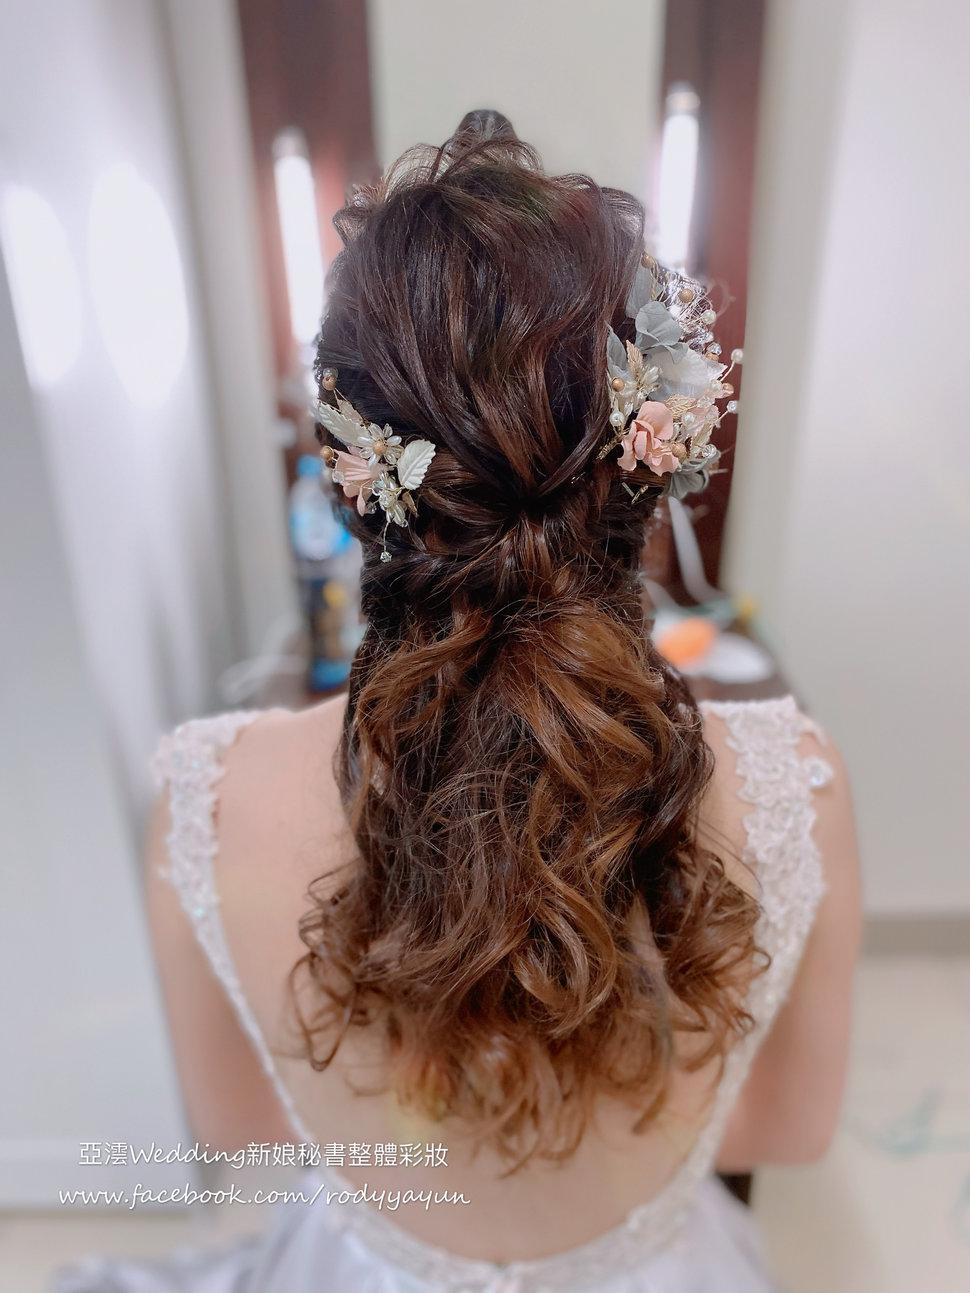 EA37D0E6-98DE-4D77-99CA-58D1EE1DAE40 - 亞澐 Wedding 新娘秘書 整體彩妝《結婚吧》